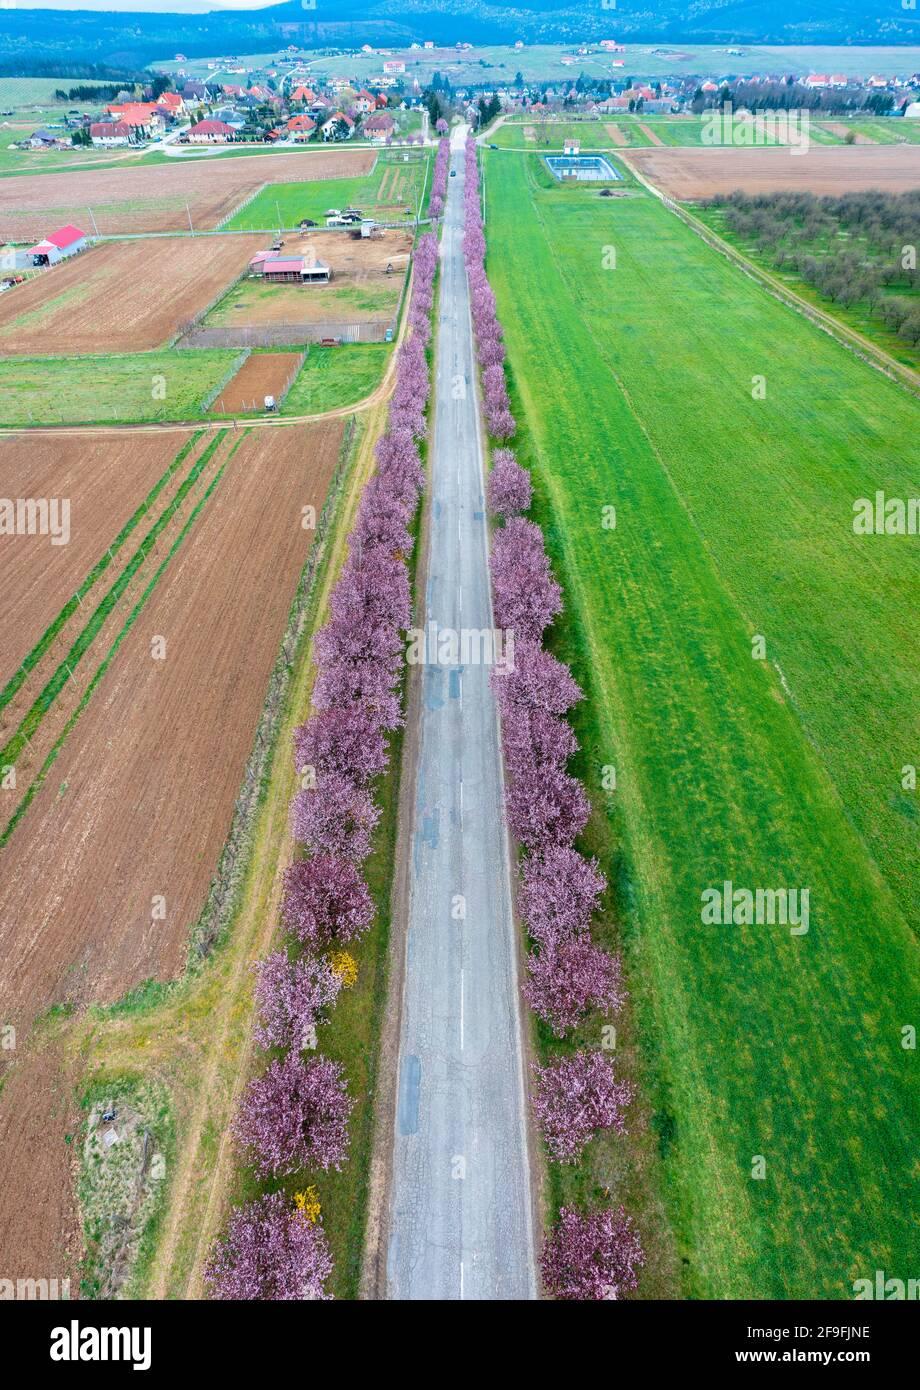 Berkenye, Ungarn - Luftaufnahme über schöne blühende Pflaumenbäume an der Straße. Frühling Sonnenaufgang Landschaft, Kirschblüte. Stockfoto